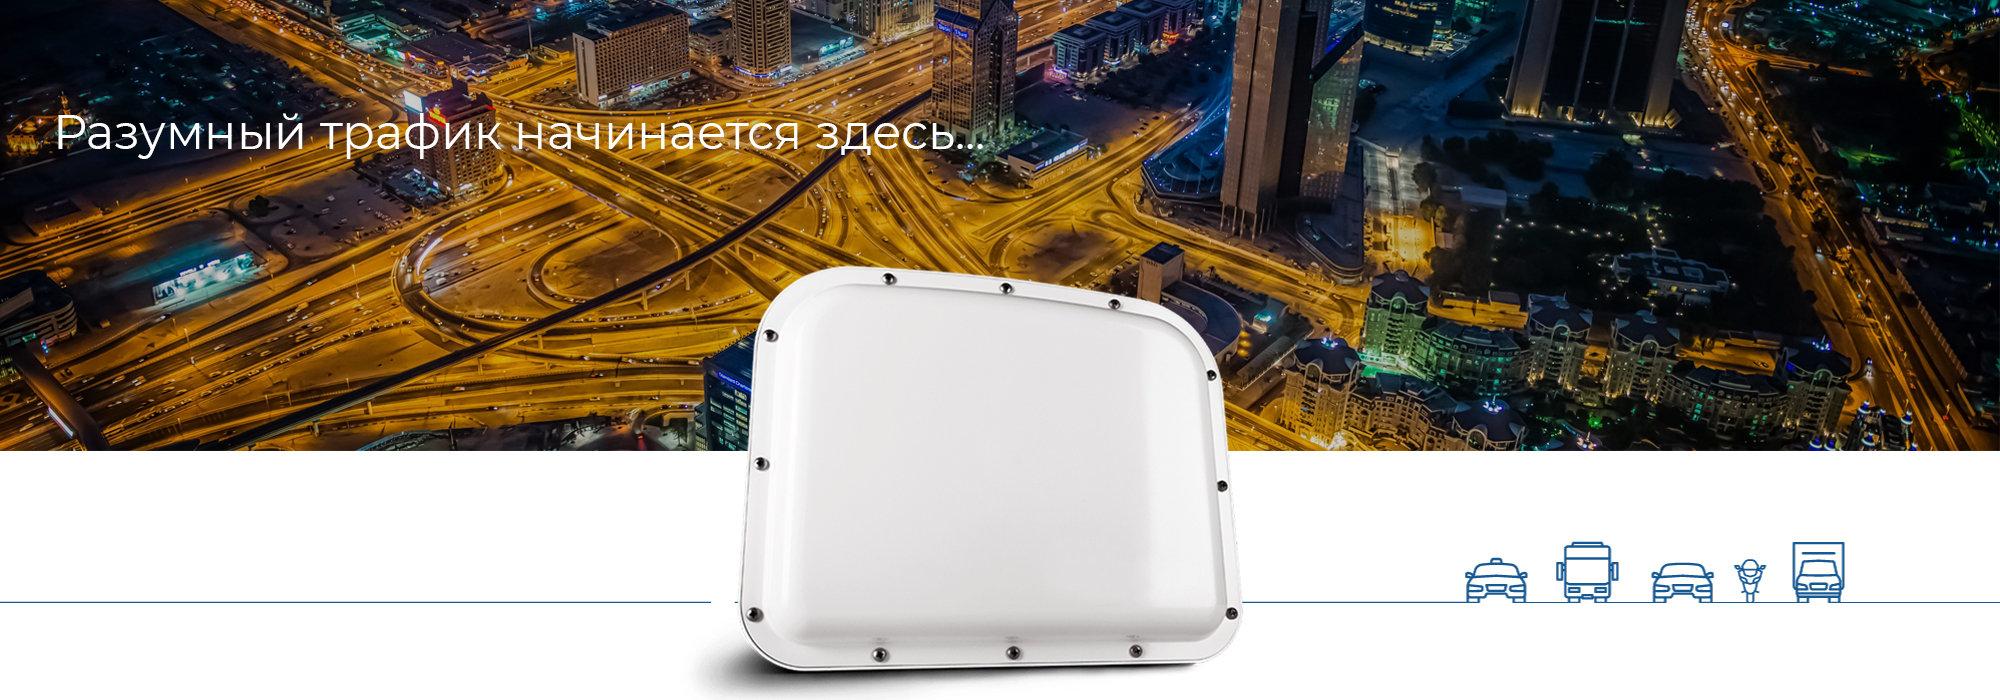 Радиолокационные-детекторы-транспорта